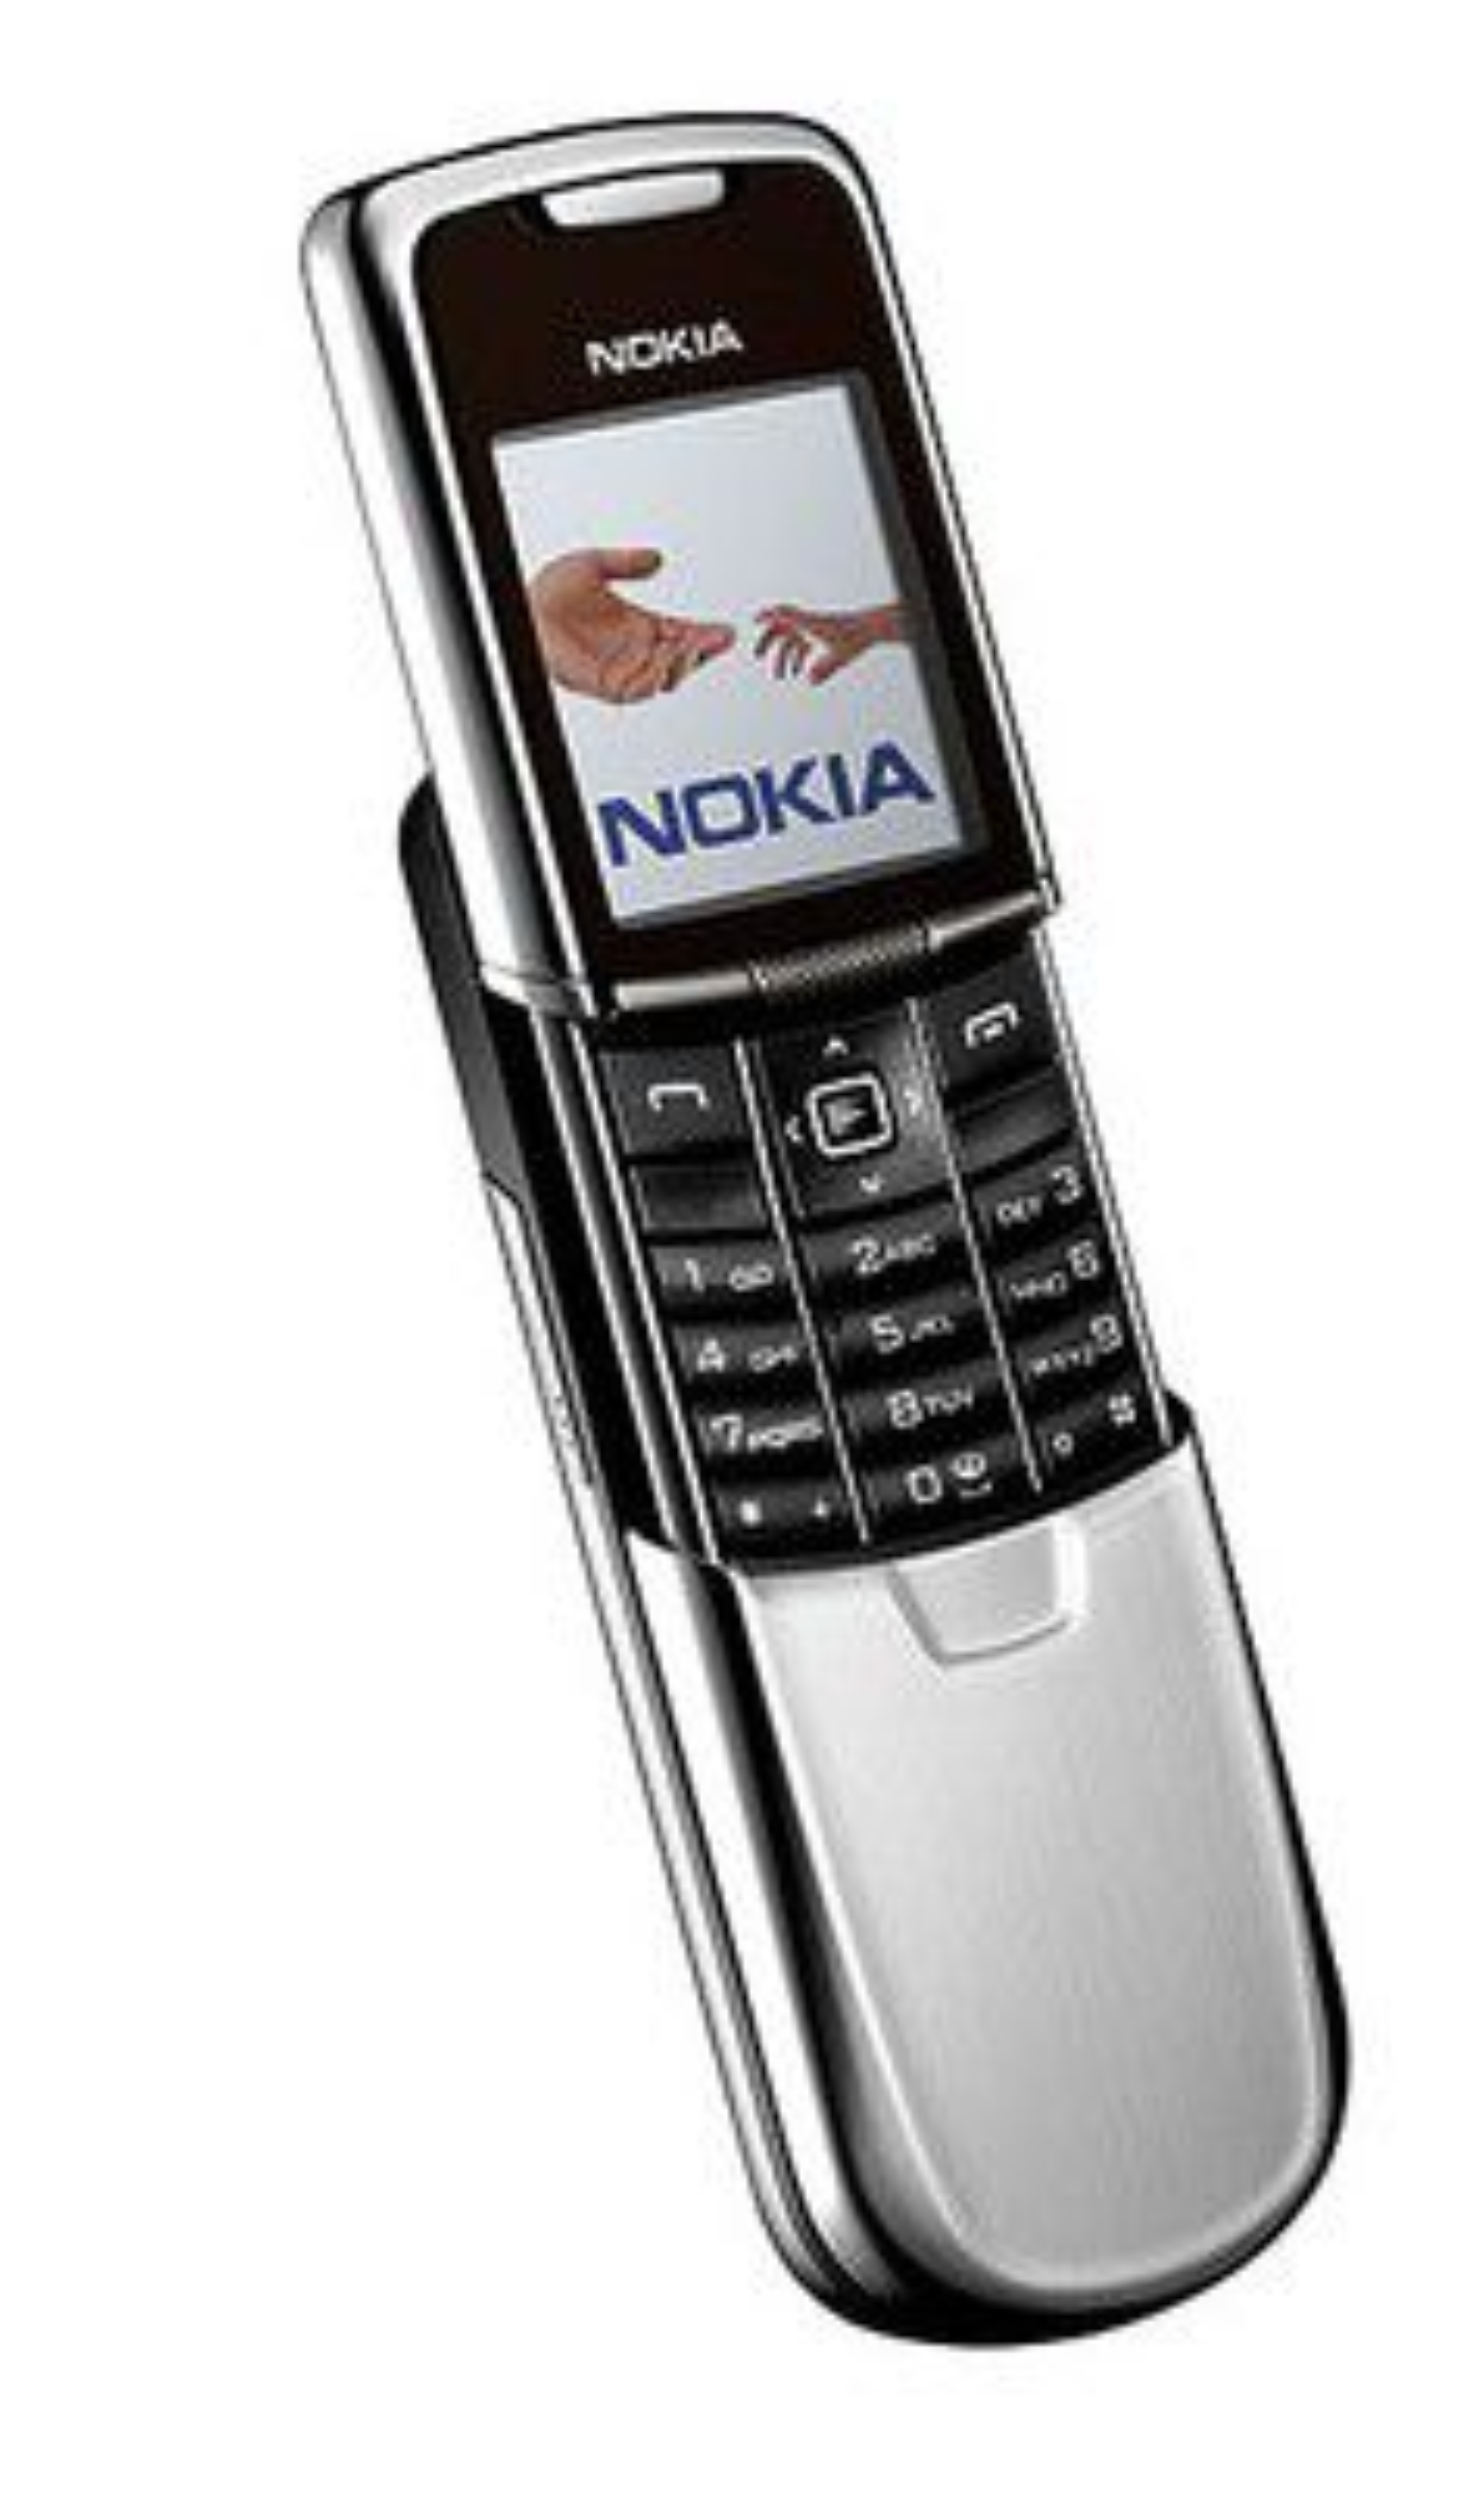 Nokia 8800.